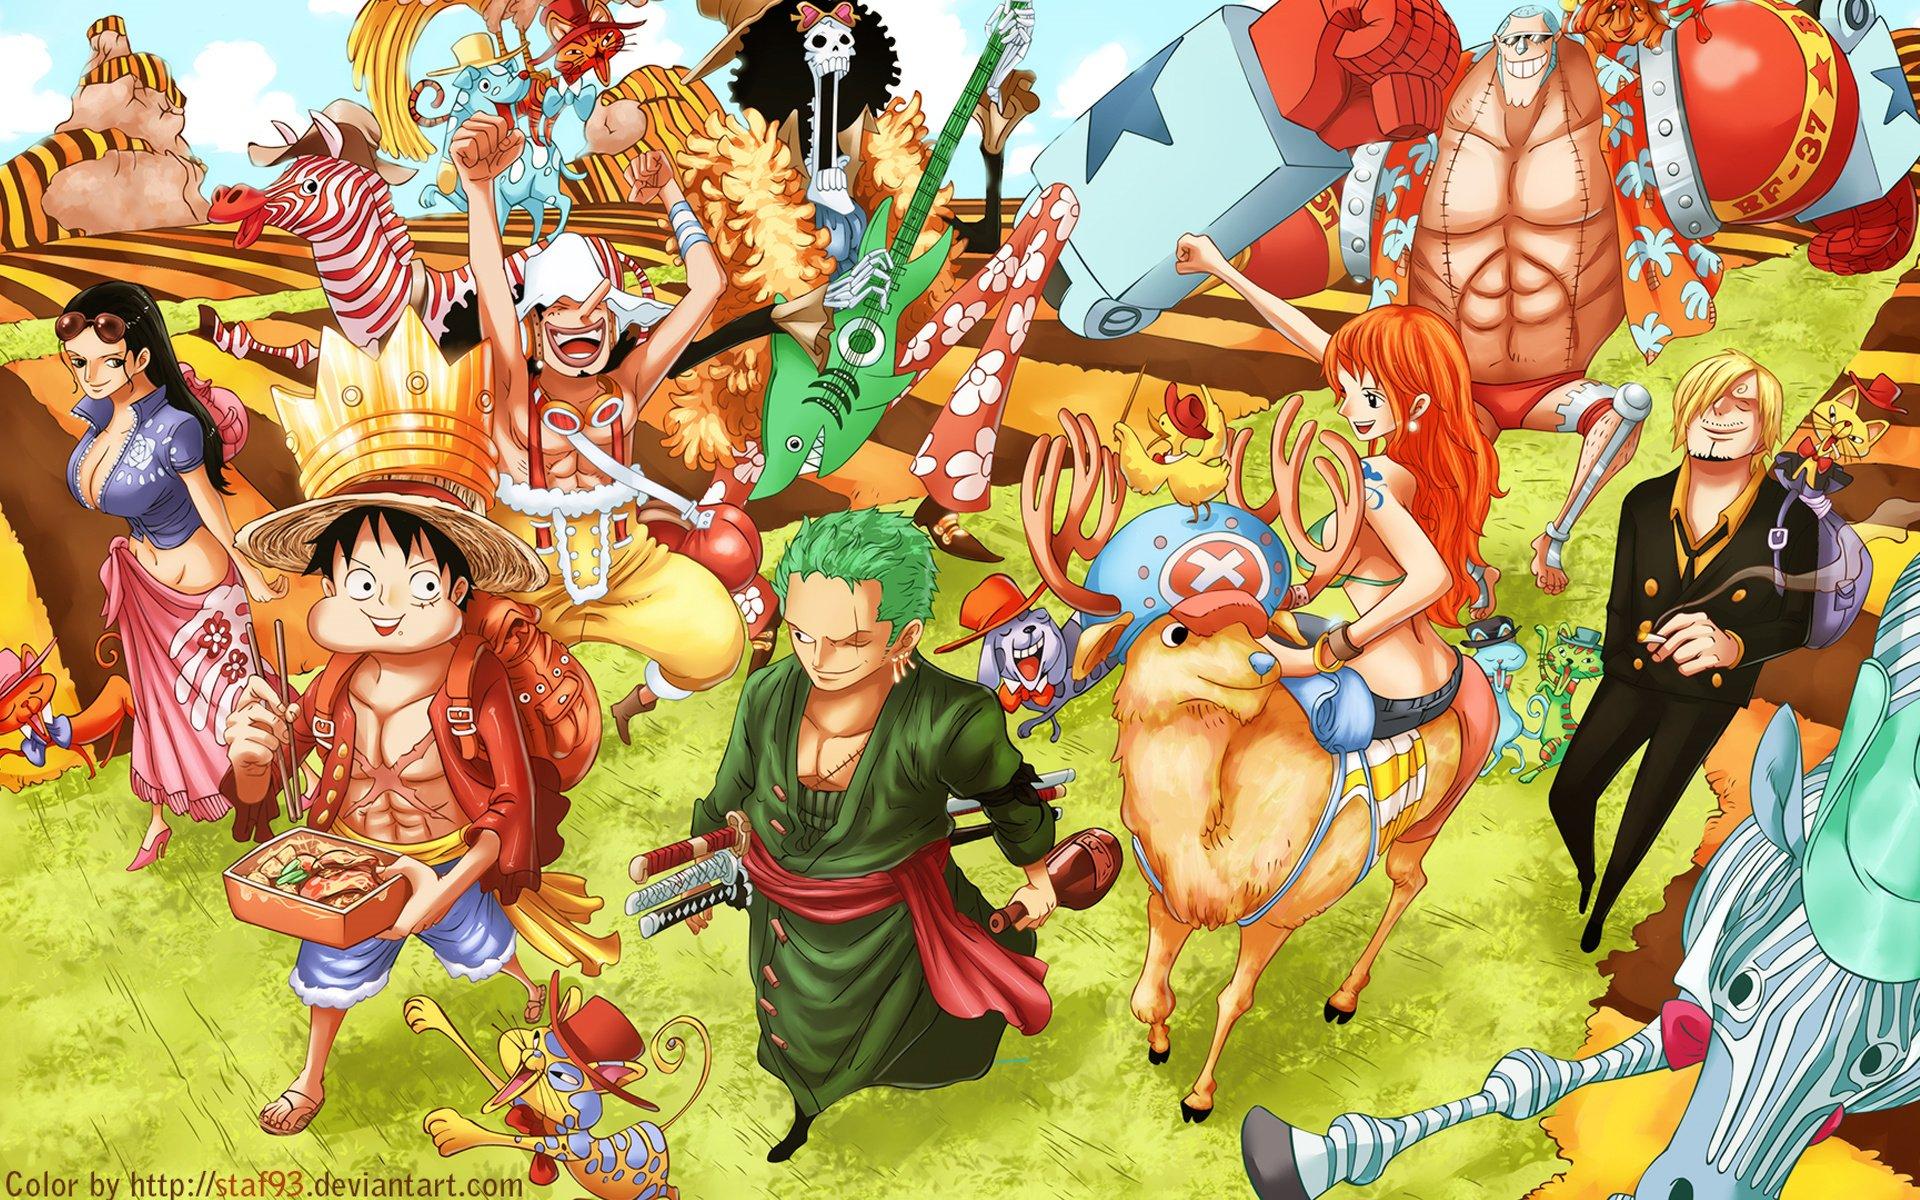 Hình nền Luffy one piece full HD đẹp